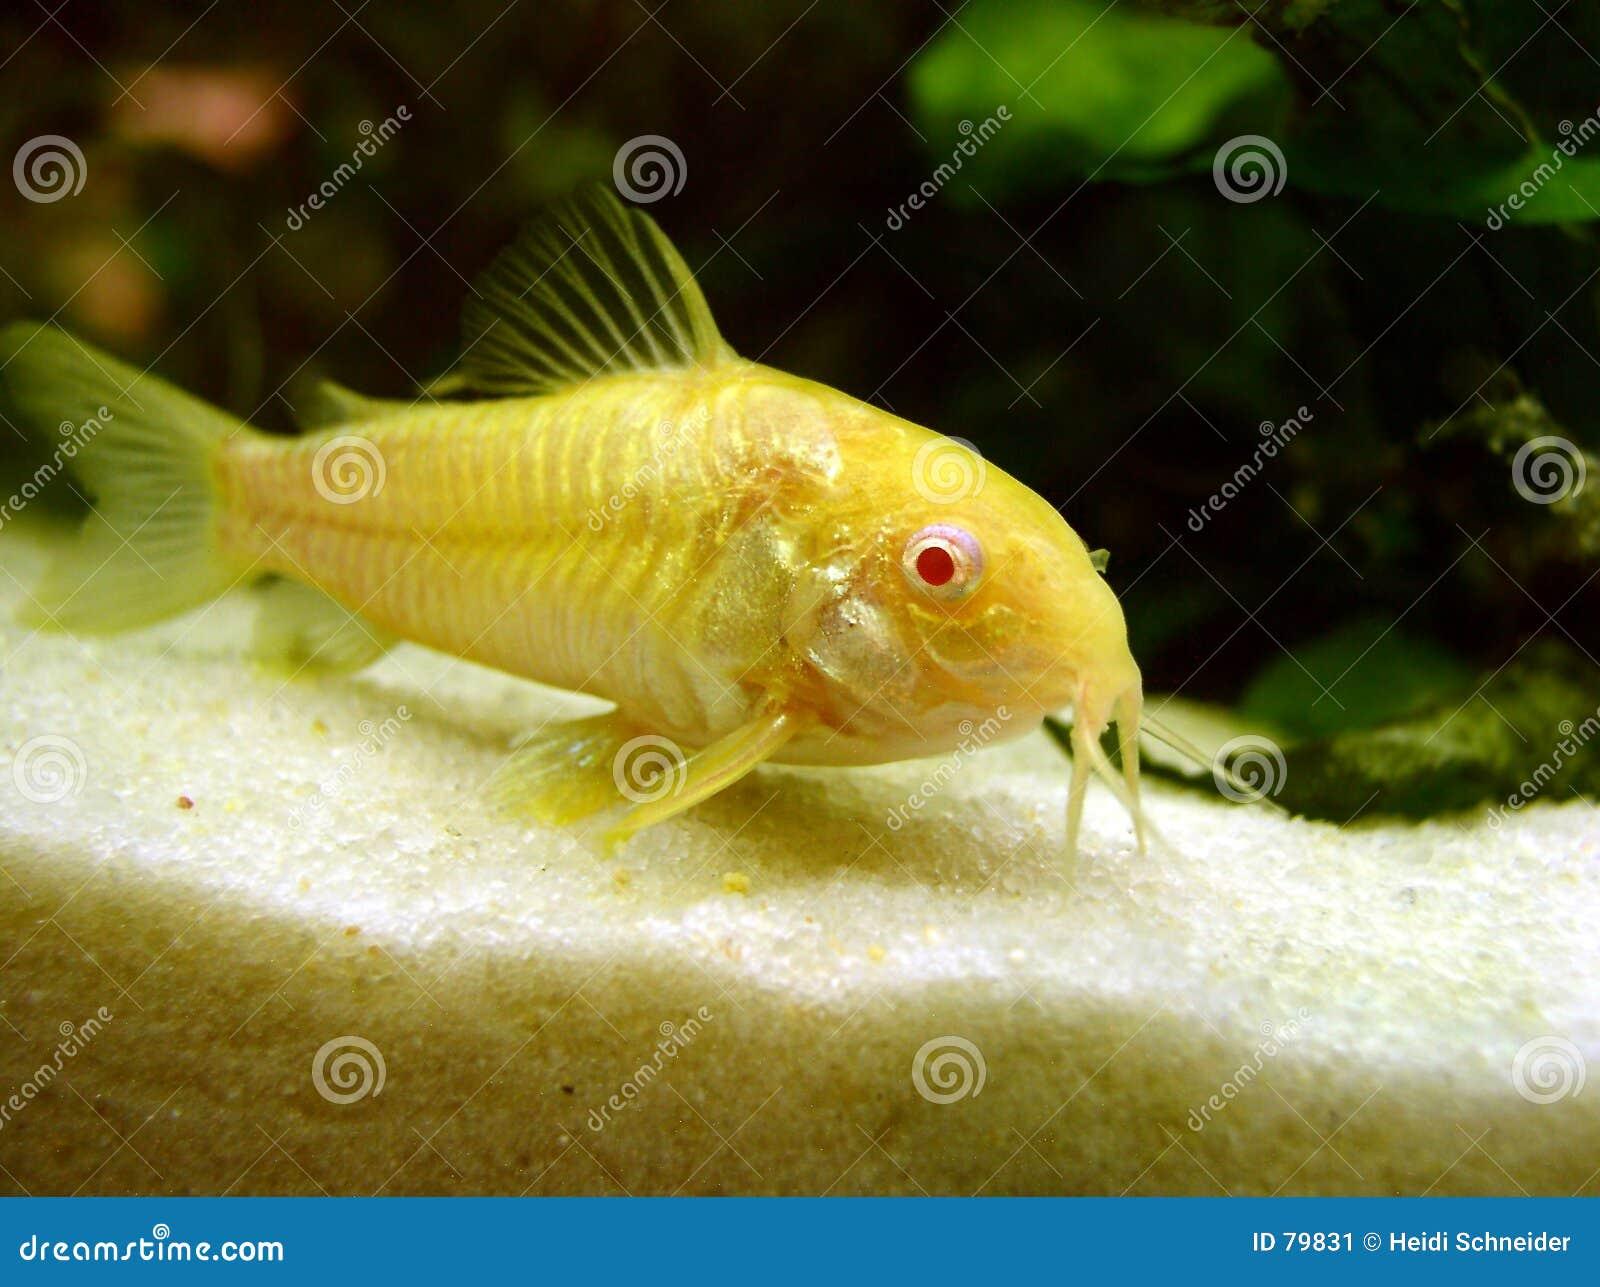 Pesce gatto immagine stock immagine di tropicale catfish for Pesce gatto acquario